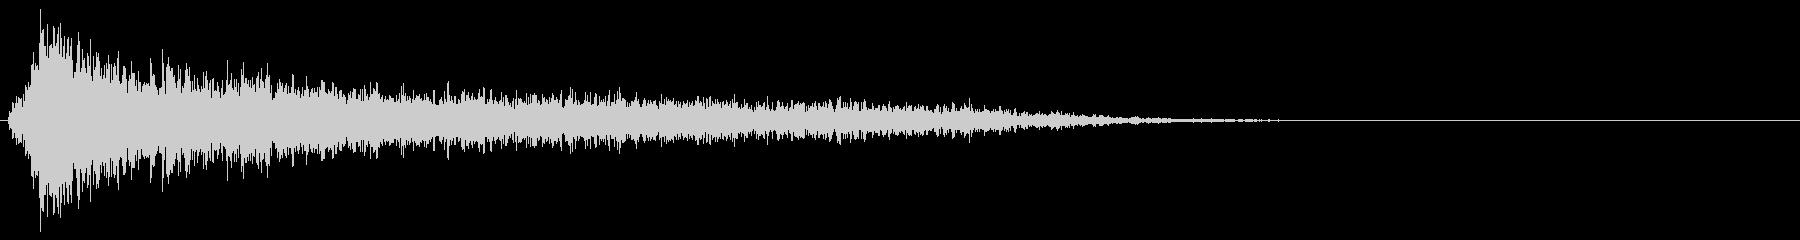 サスペンスピアノ音_1-3の未再生の波形